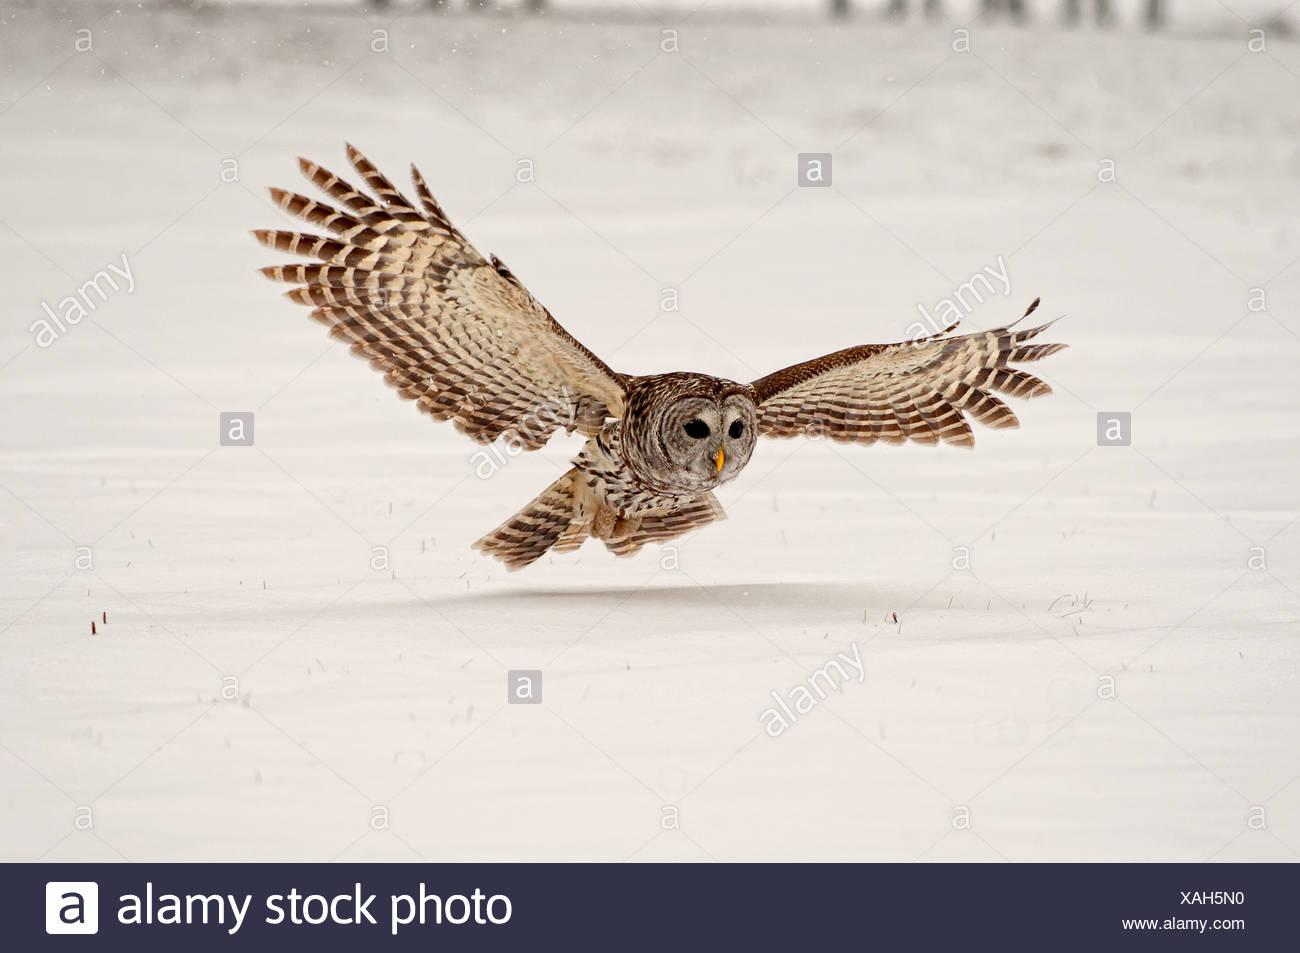 Streifenkauz Gleitet Auf Fang Eine Maus Auf Den Schnee Ontario